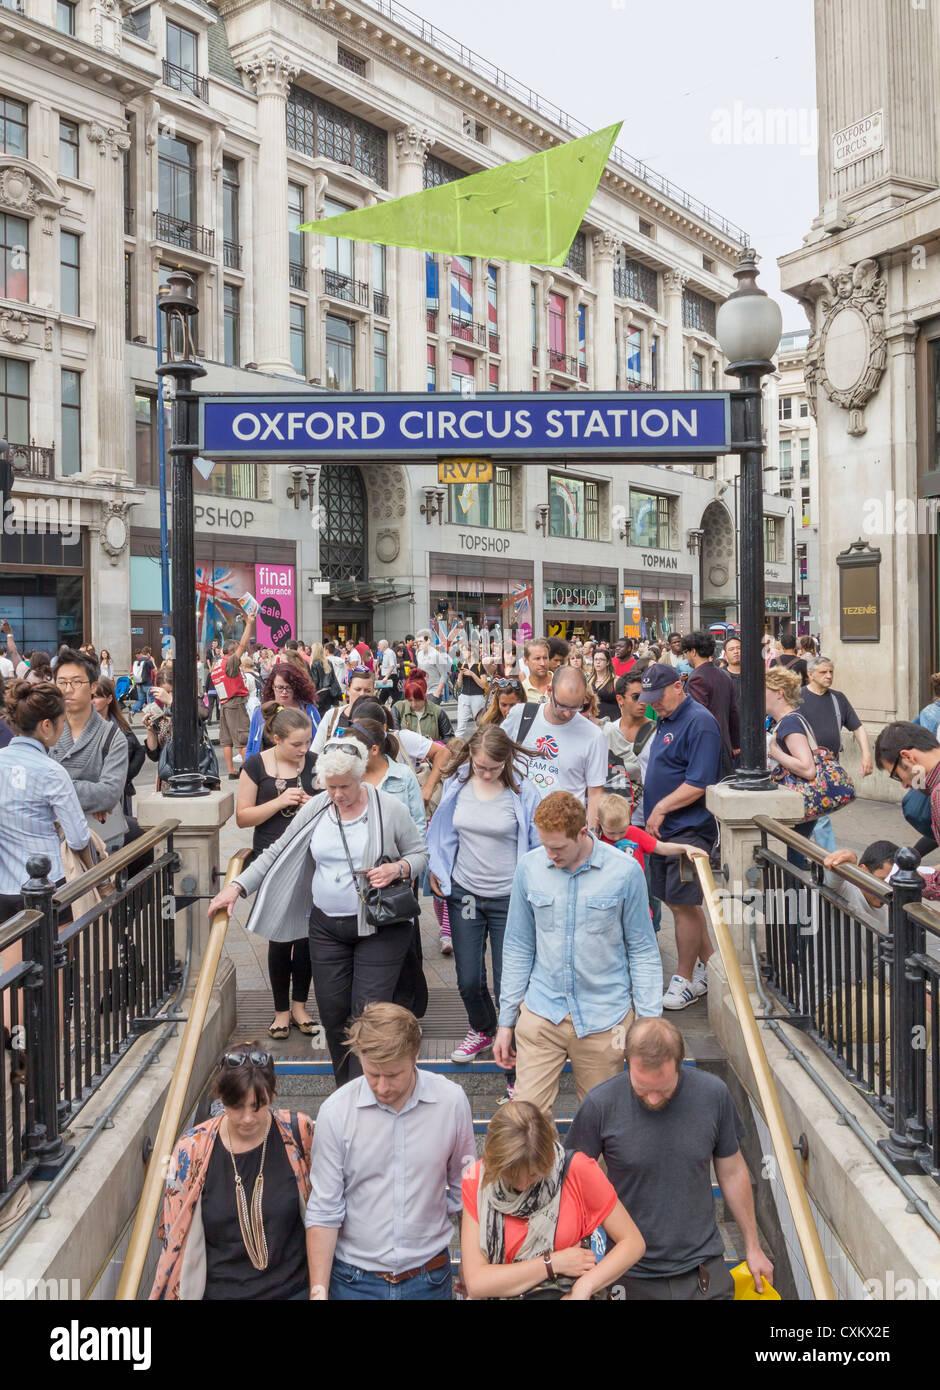 Oxford Circus u-Bahn Eingang während der Rush Hour, London, England Stockbild